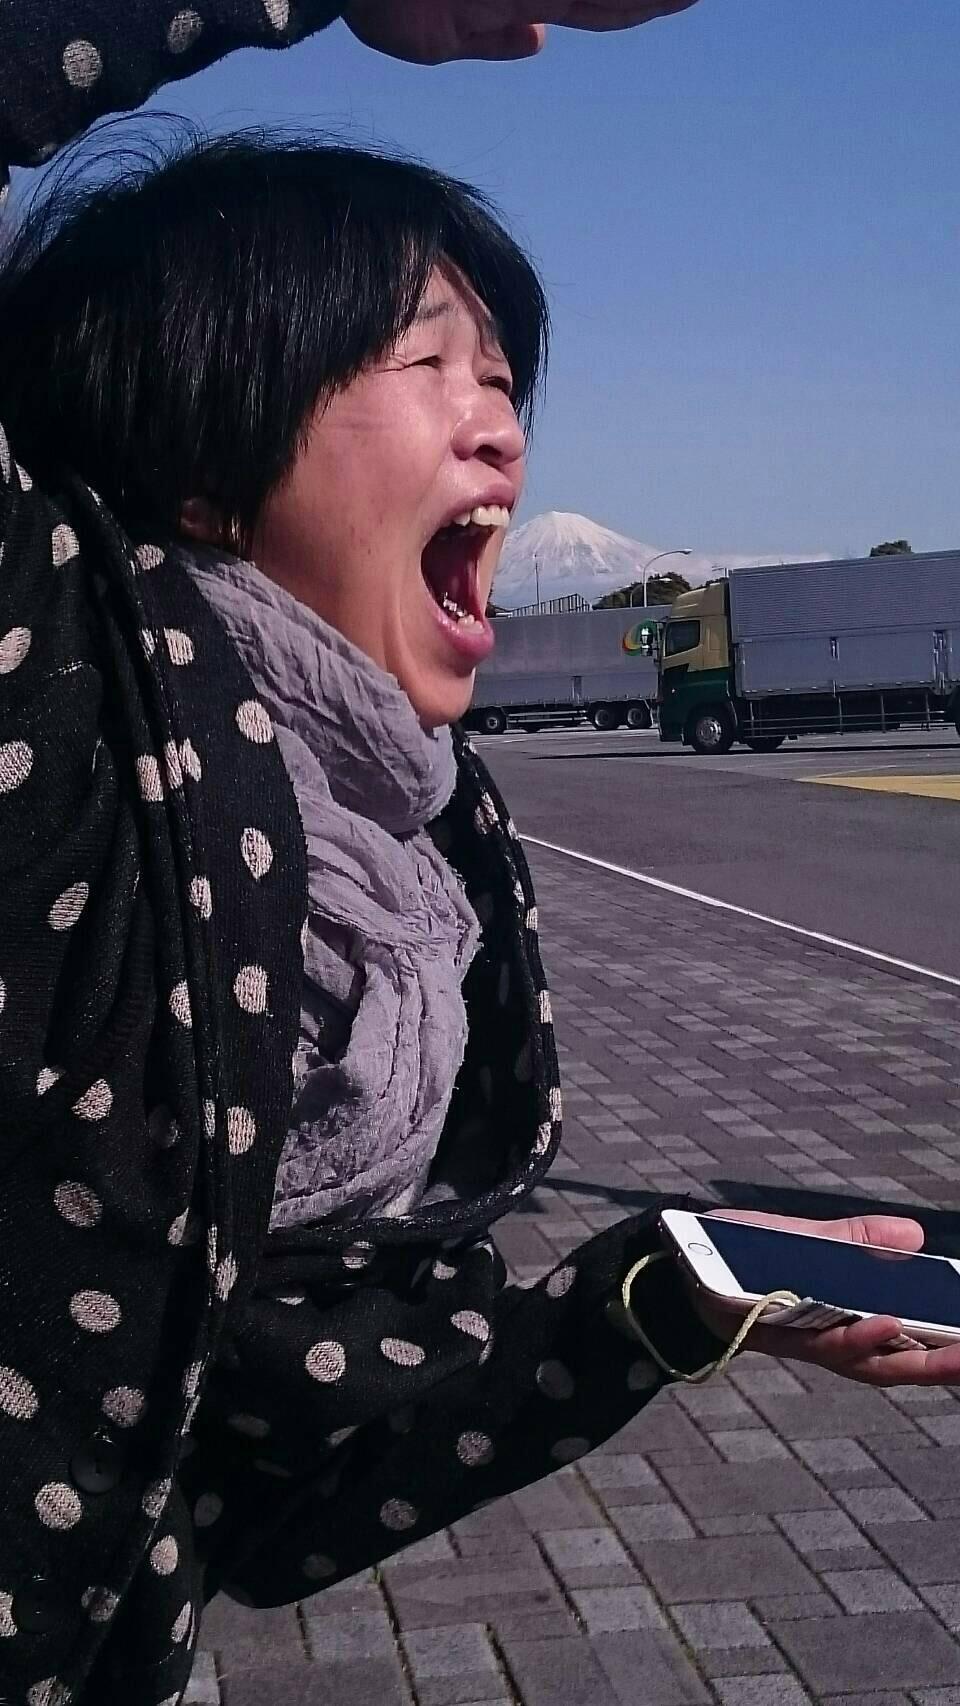 あまりの晴天が嬉しすぎて・・・思わず富士山いただきますう~~☆